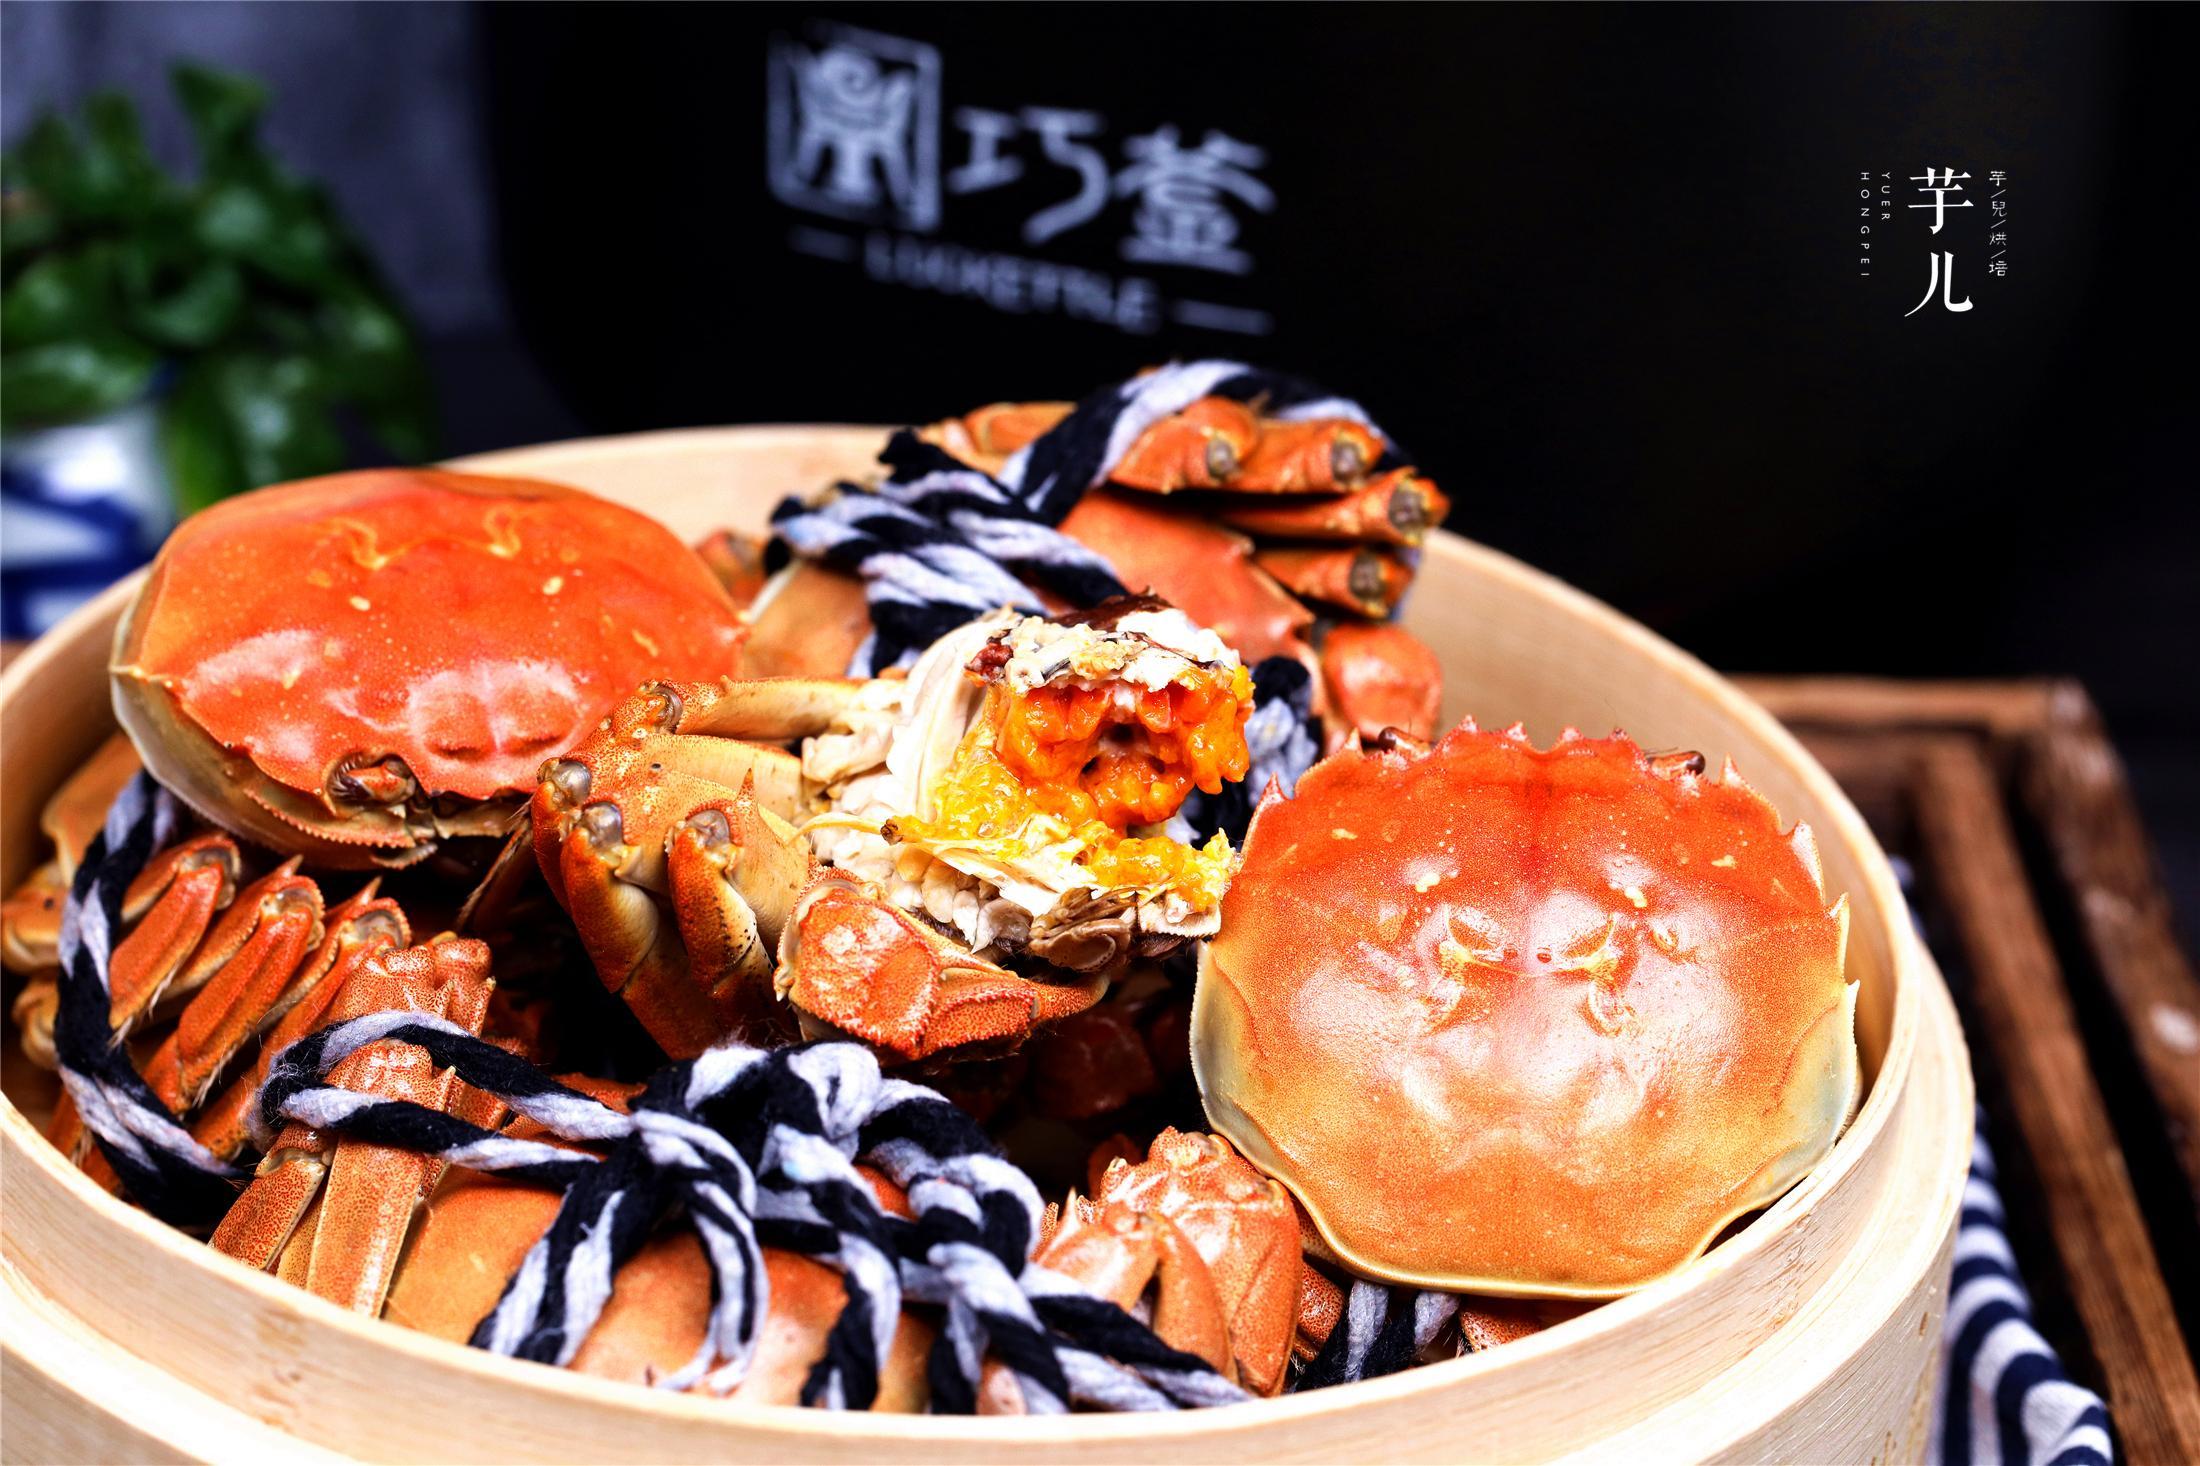 吃大闸蟹,直接上锅蒸就错了!掌握这几点诀窍,蟹